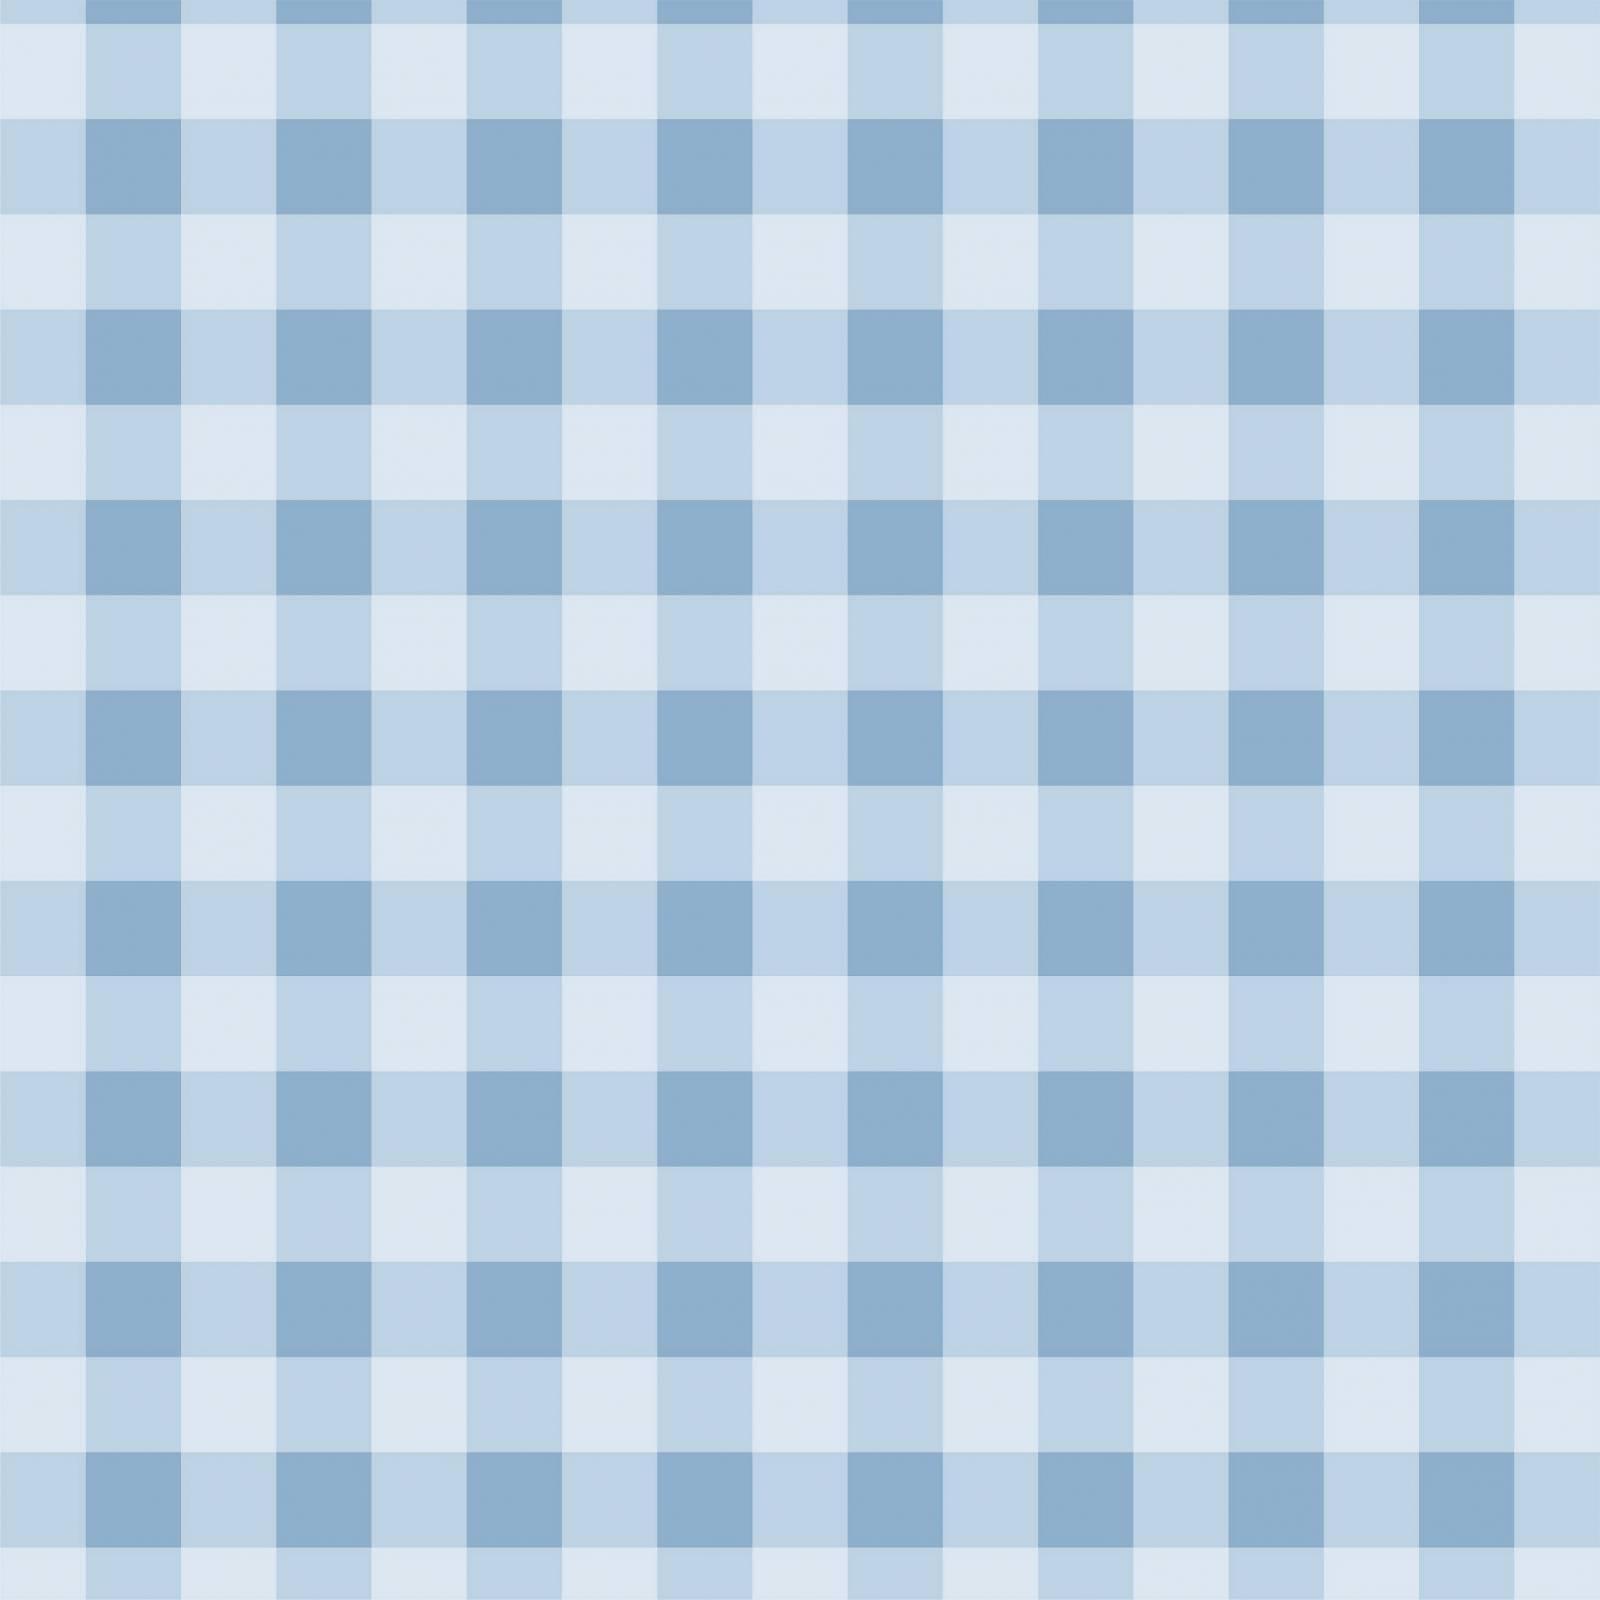 Papel de Parede Xadrez Azul Claro | Adesivo Vinilico imagem 1